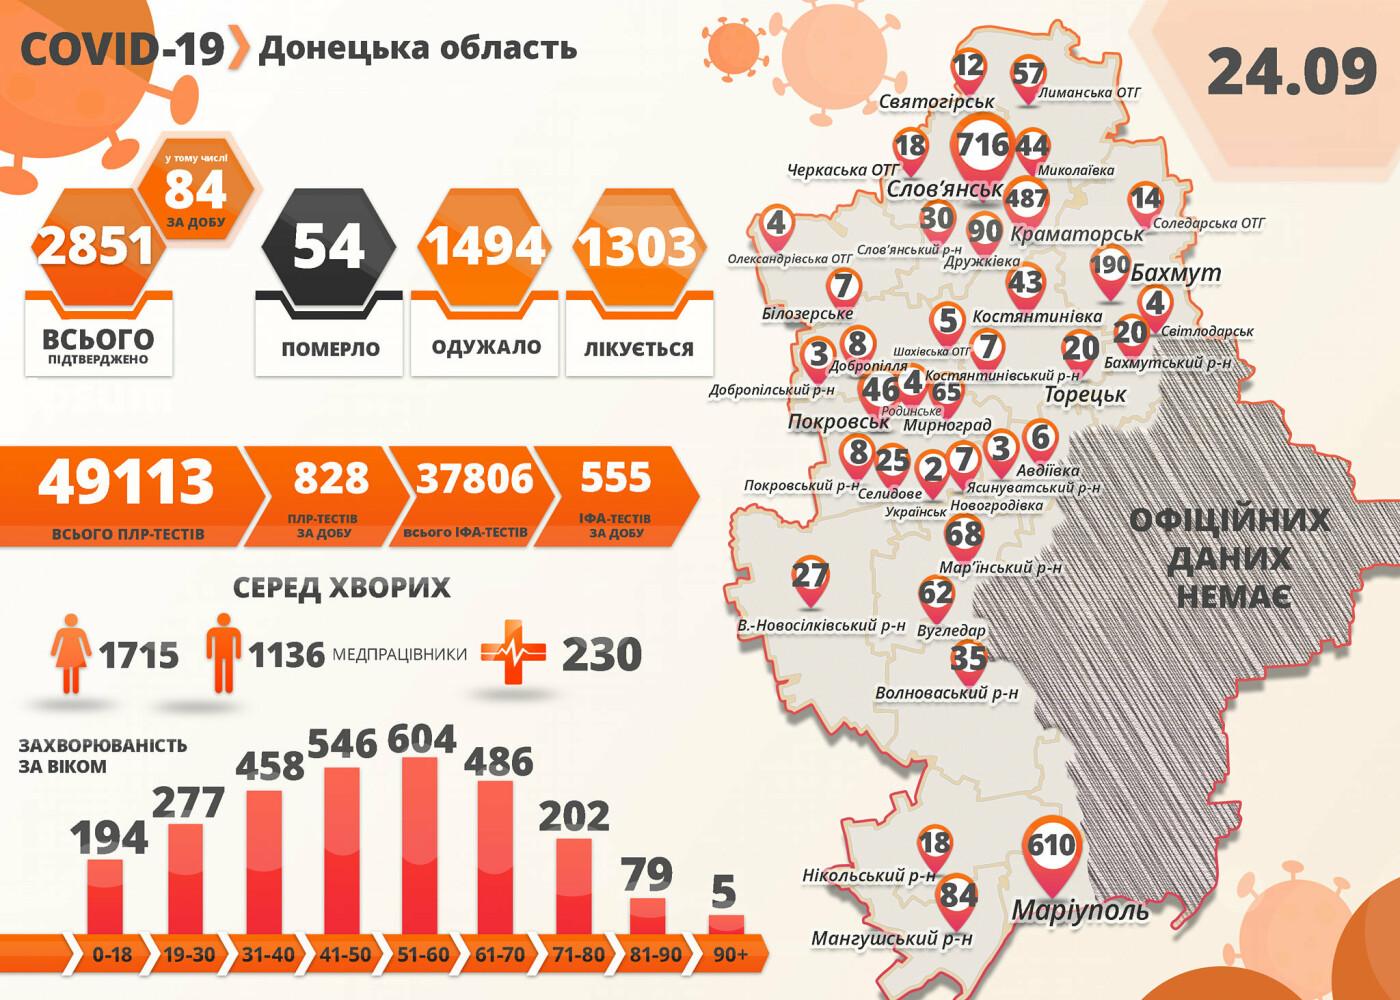 В Донецкой области от коронавируса умерла женщина: 84 новых случая за сутки, фото-1